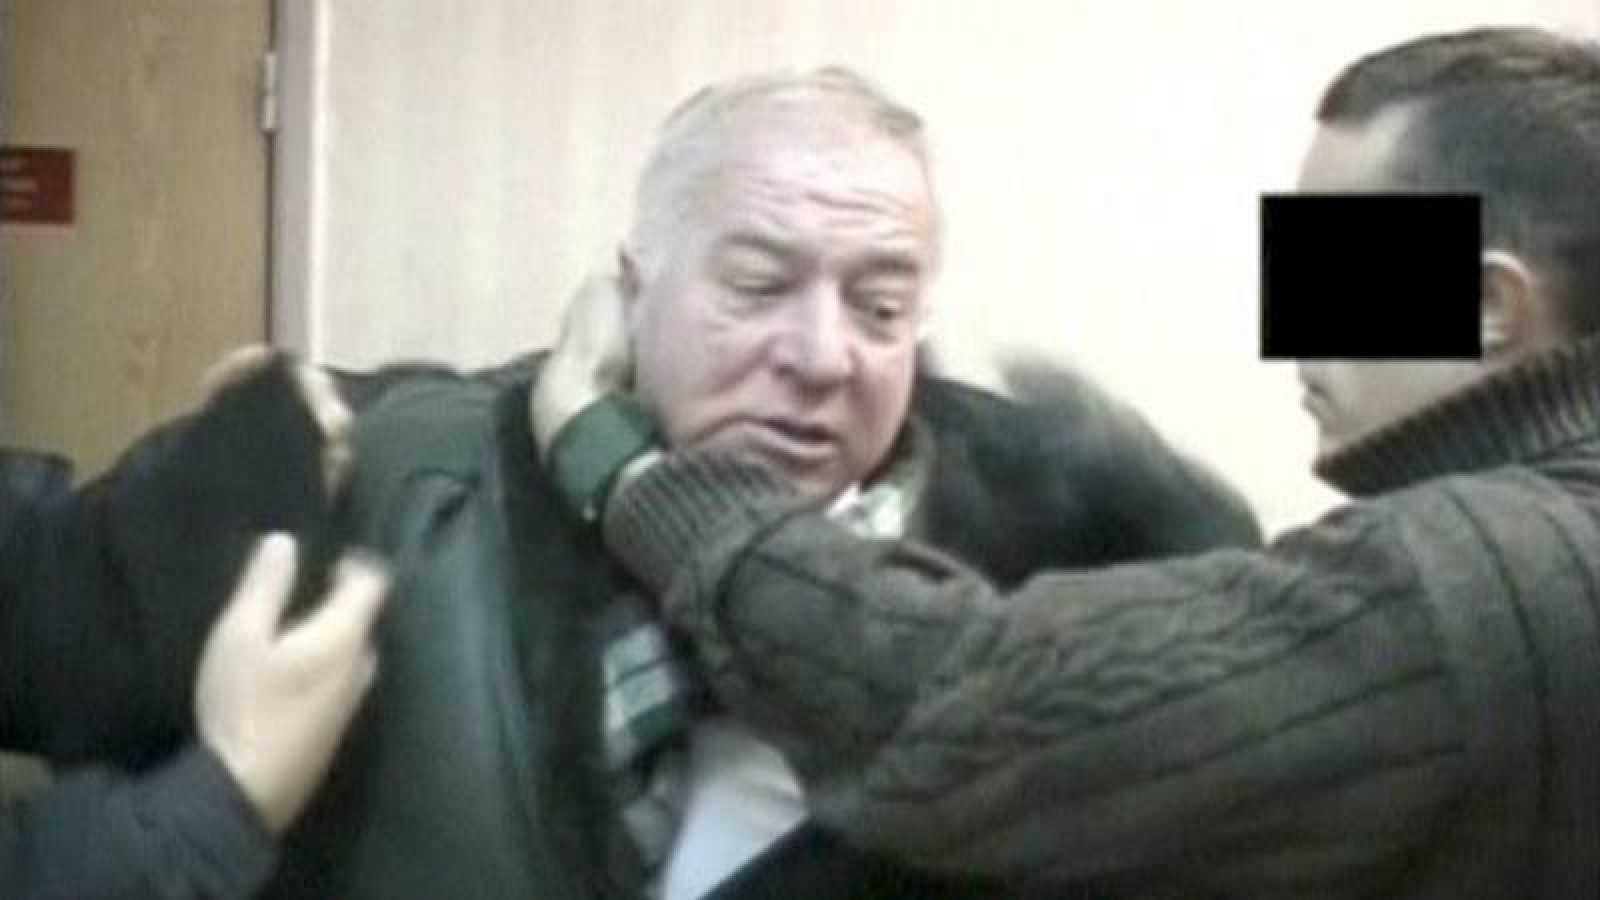 Fotografía de archivo de Sergei Skripal, en el momento de su detención por oficiales rusos en 2006